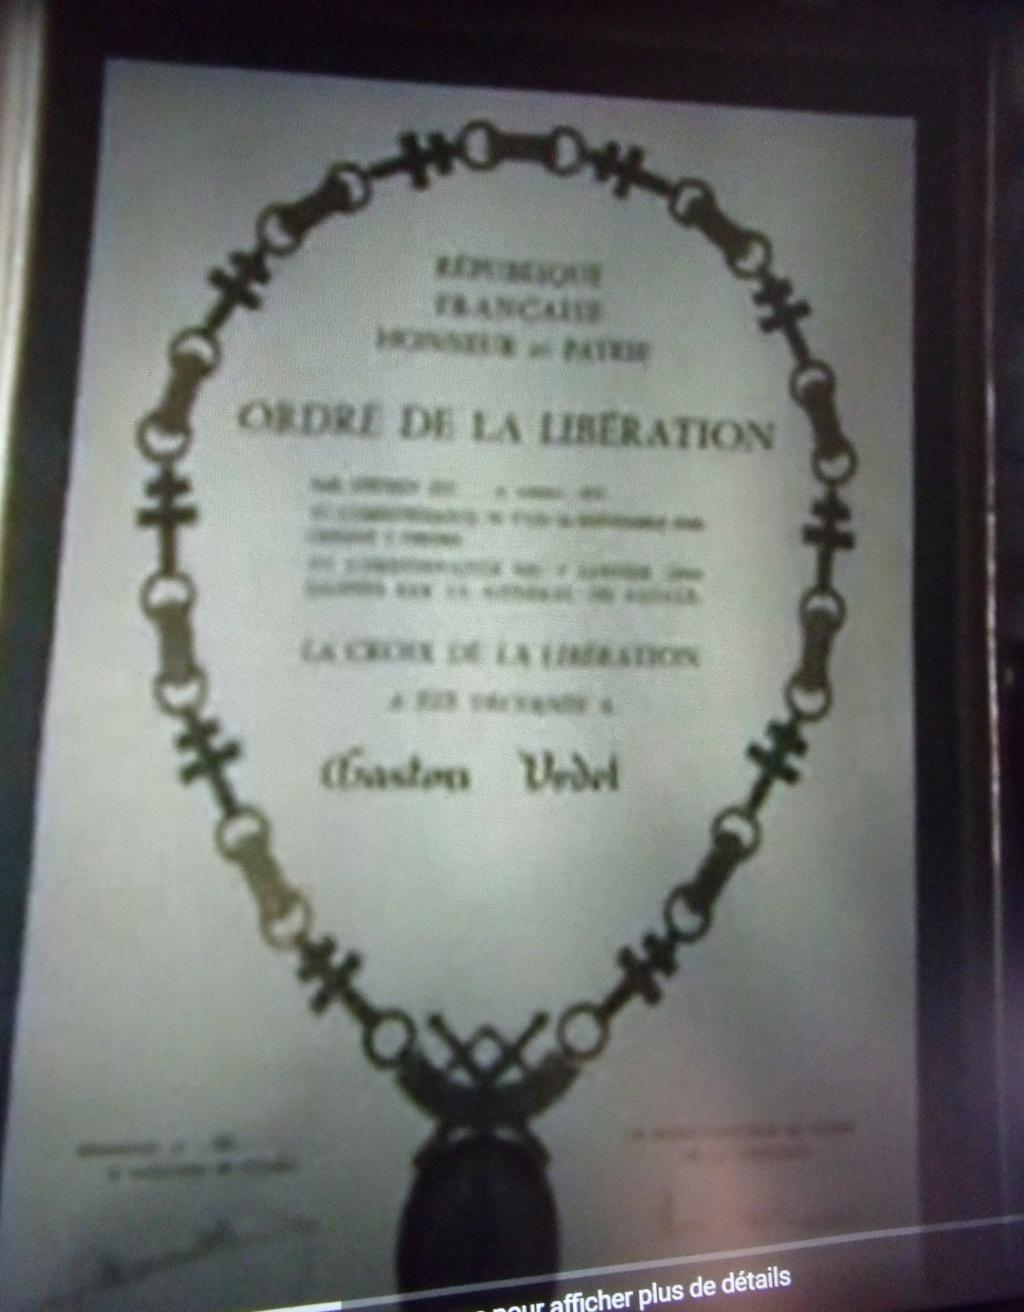 """livre """" le pilote oubli """" dédicacée Gaston VEDEL compagnon de la libération   Dscf7717"""